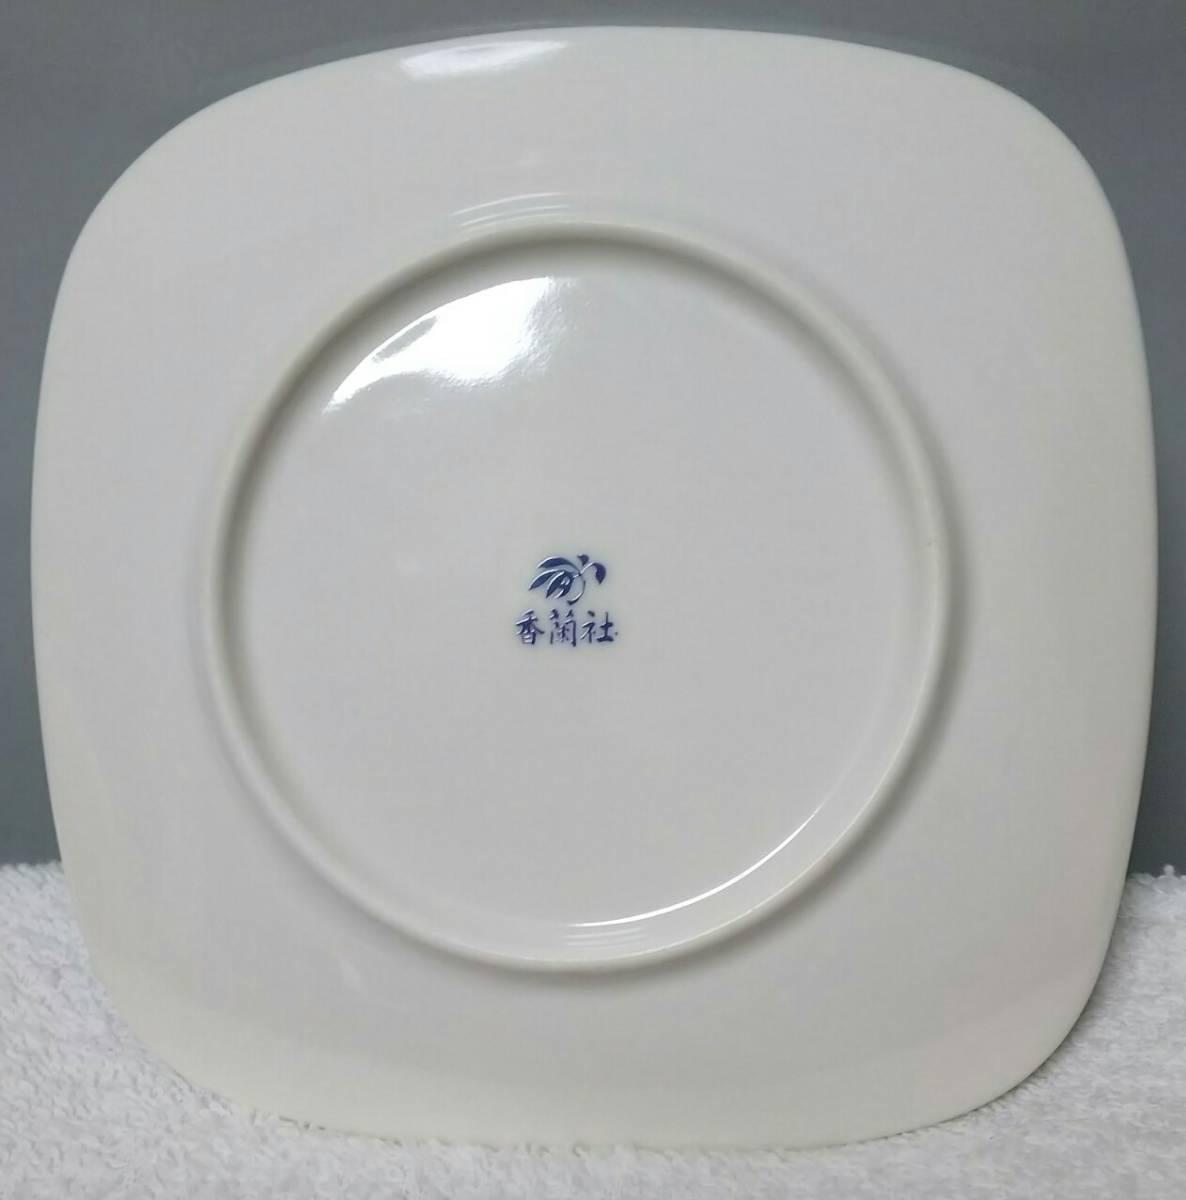 香蘭社 蘭の香 皿 銘々皿 銘々皿揃 四角皿 小皿 プレート 5枚 セット 新品 未使用 陶器 金彩 花 四角 正方形 取皿 食器 和食器 茶道具 箱付